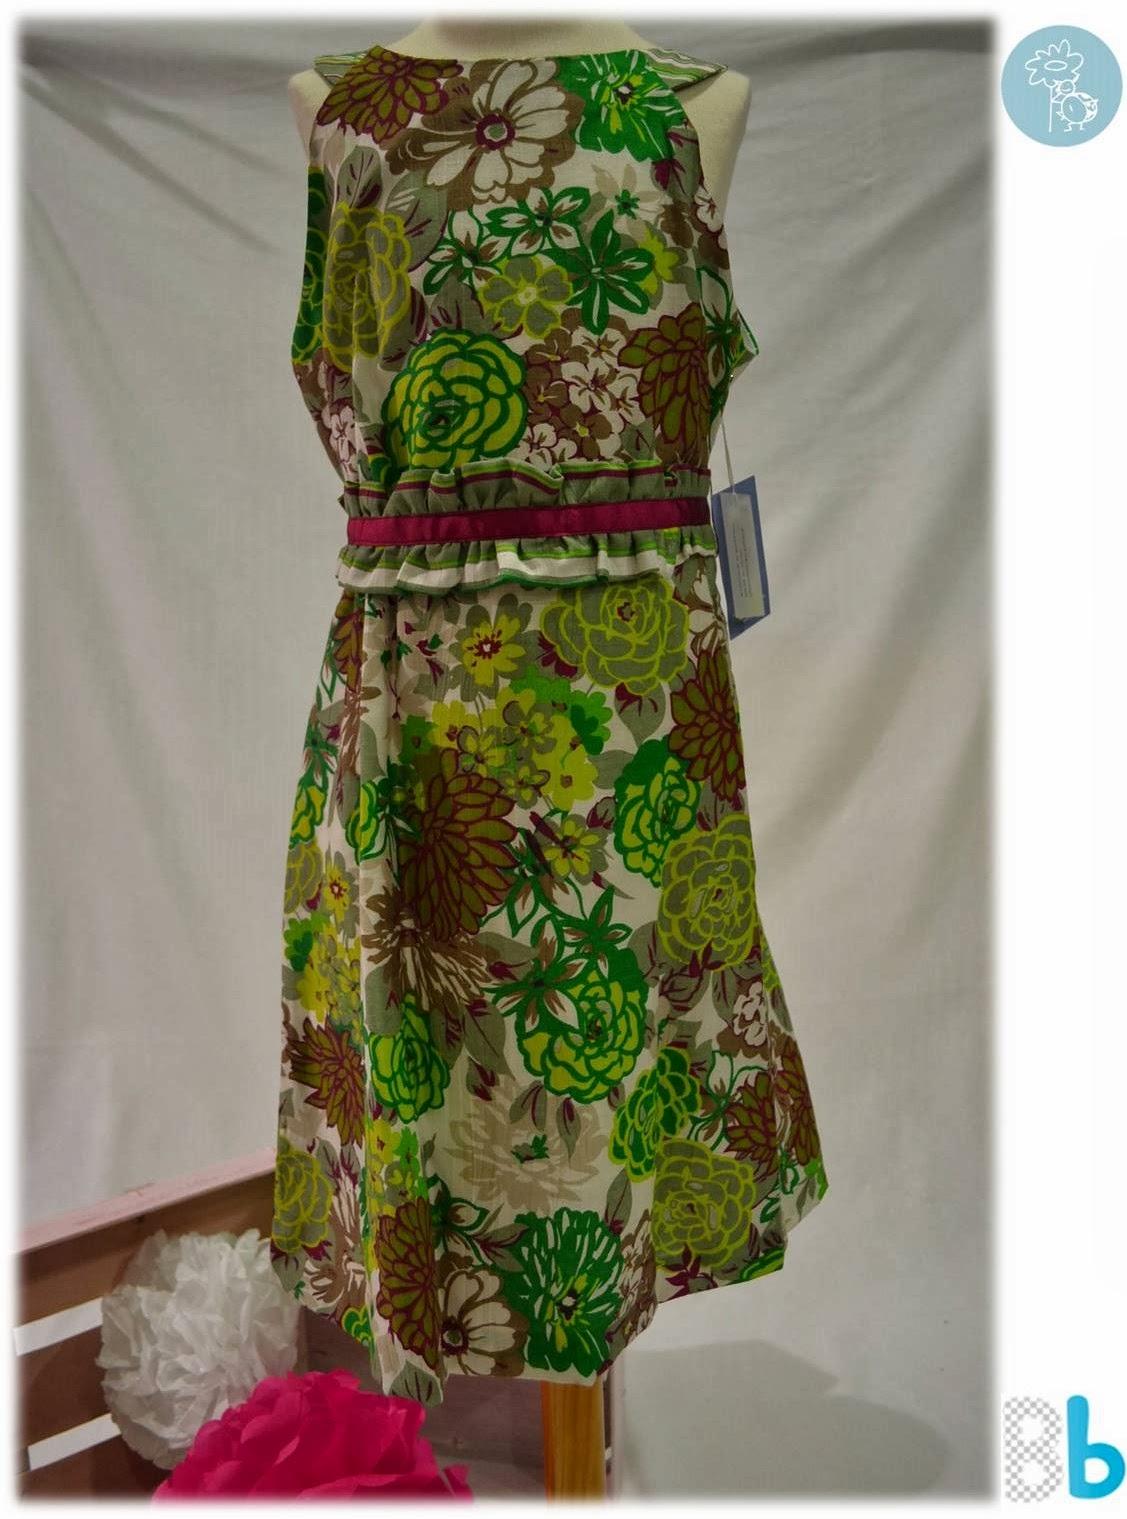 Babiné -Colección Primavera-Verano- Vestido